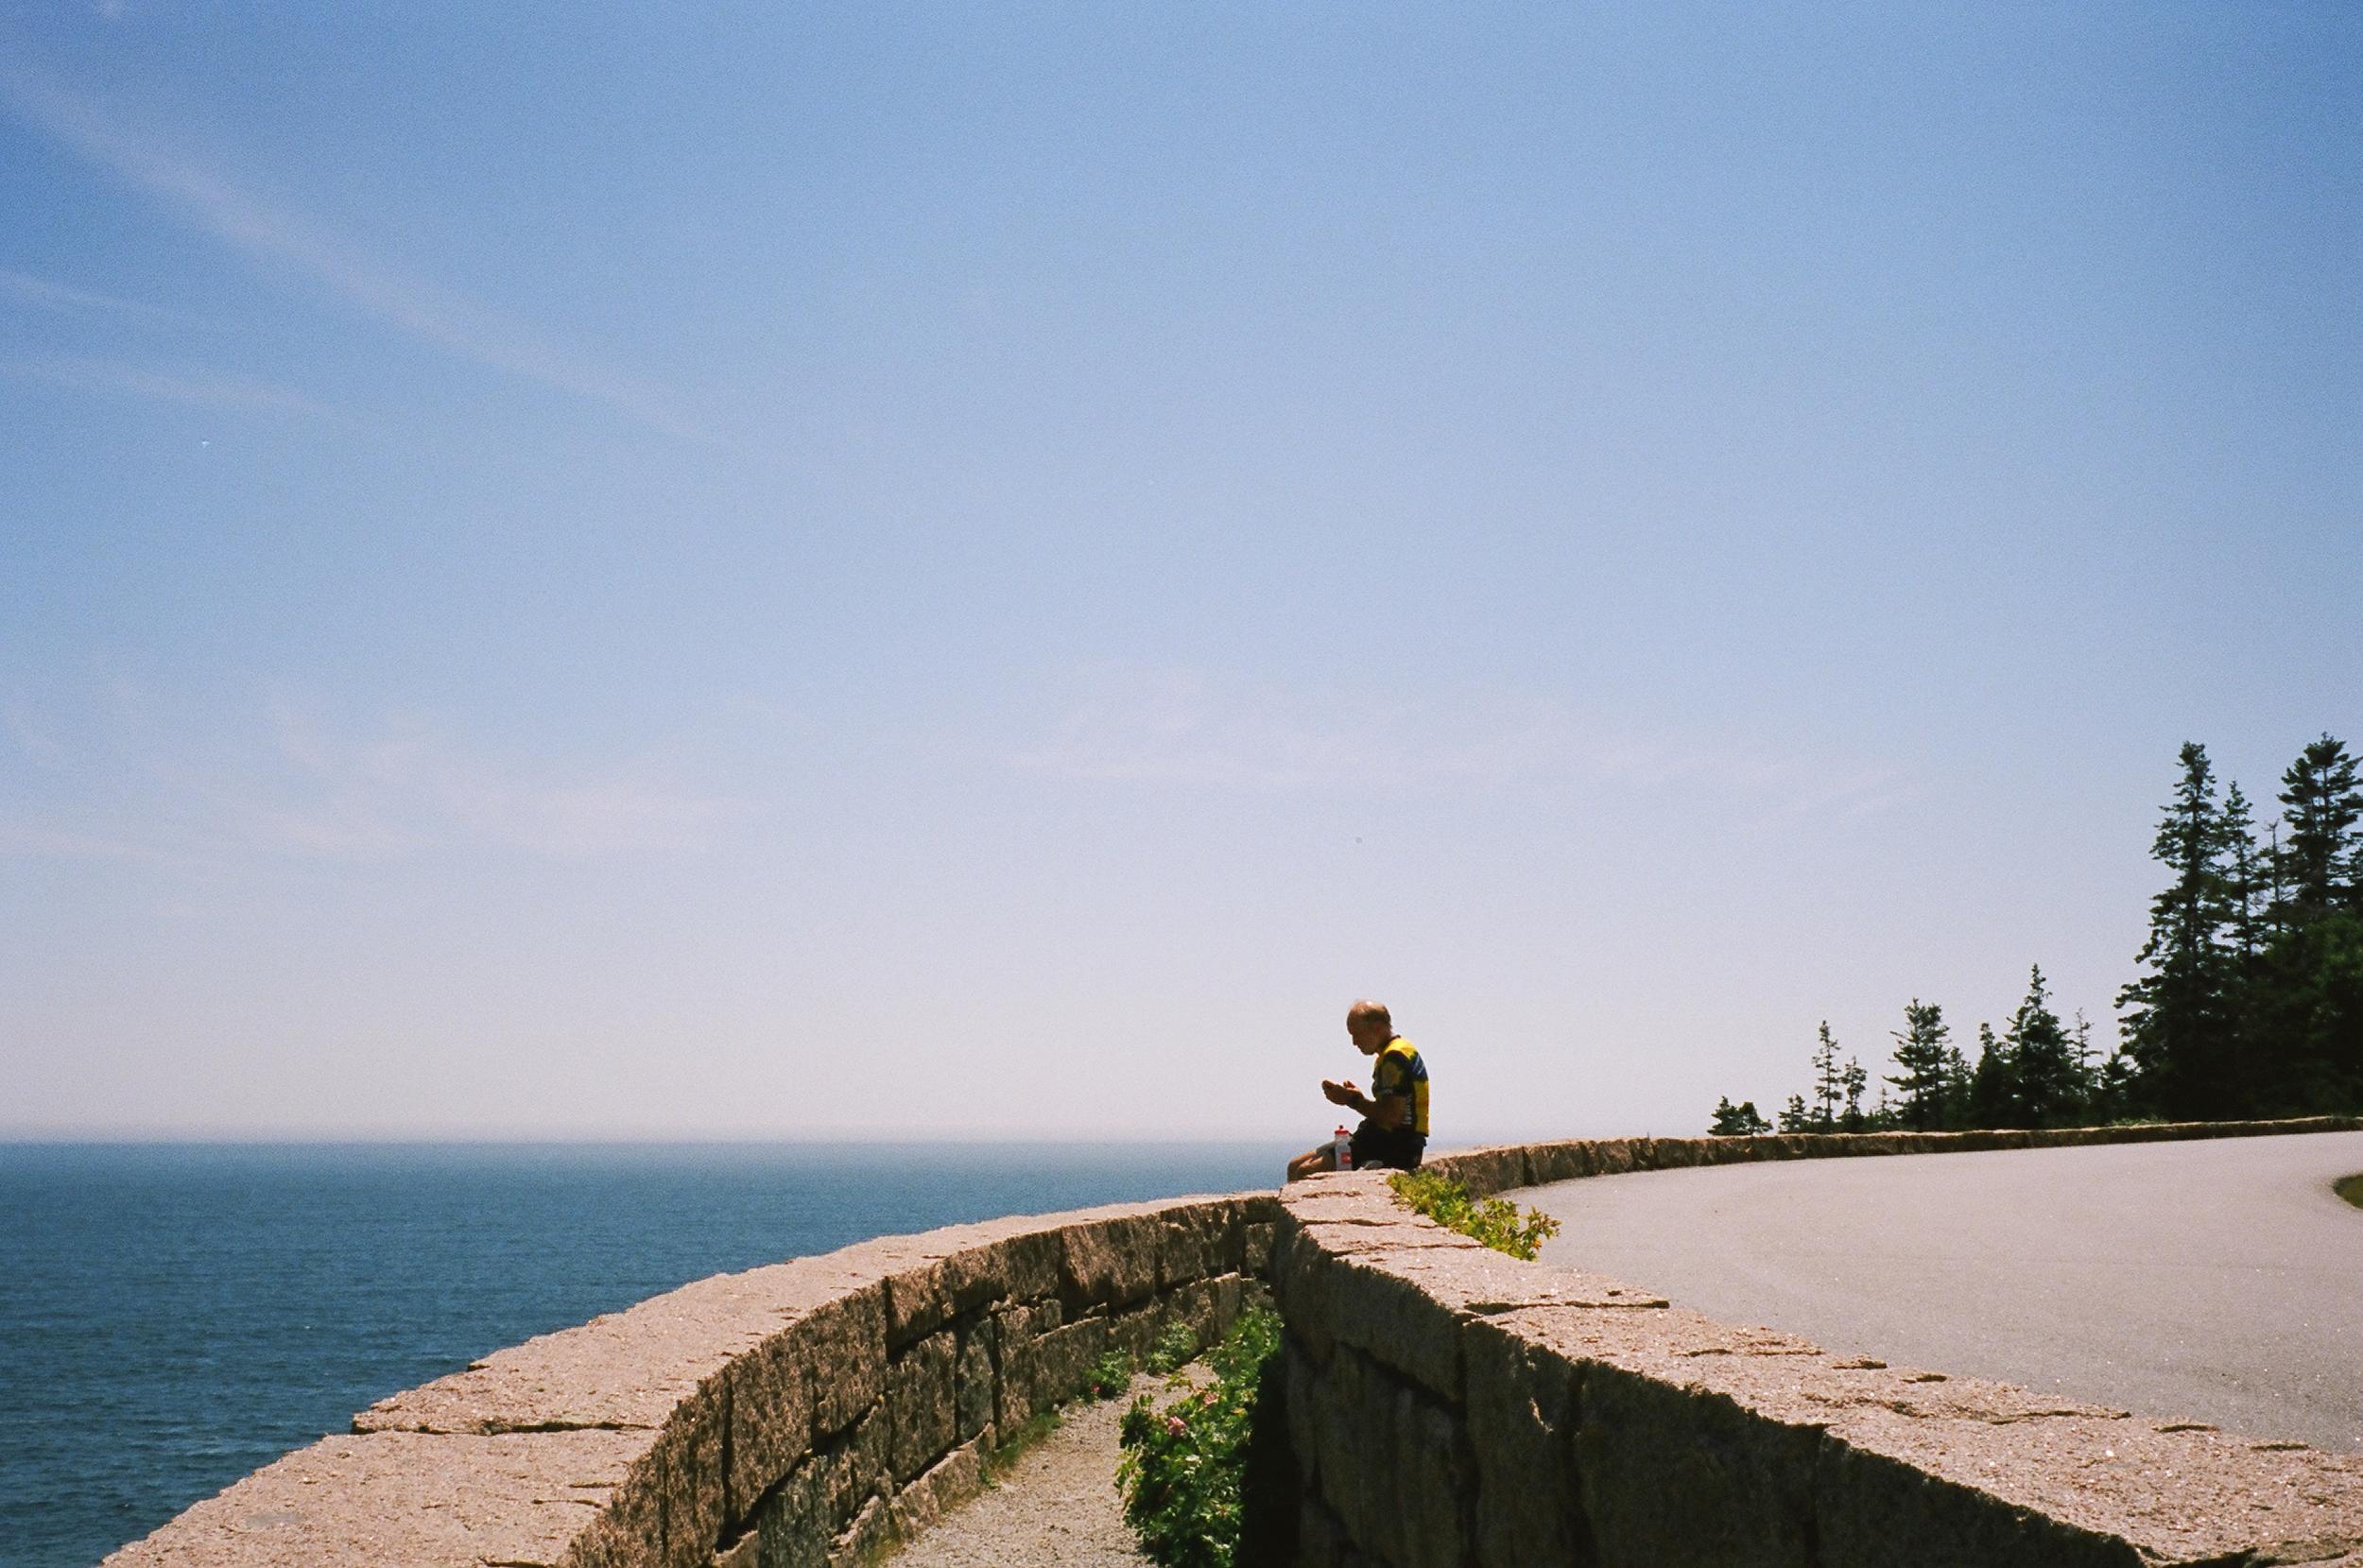 LeicaM6_Portra400-358.jpg